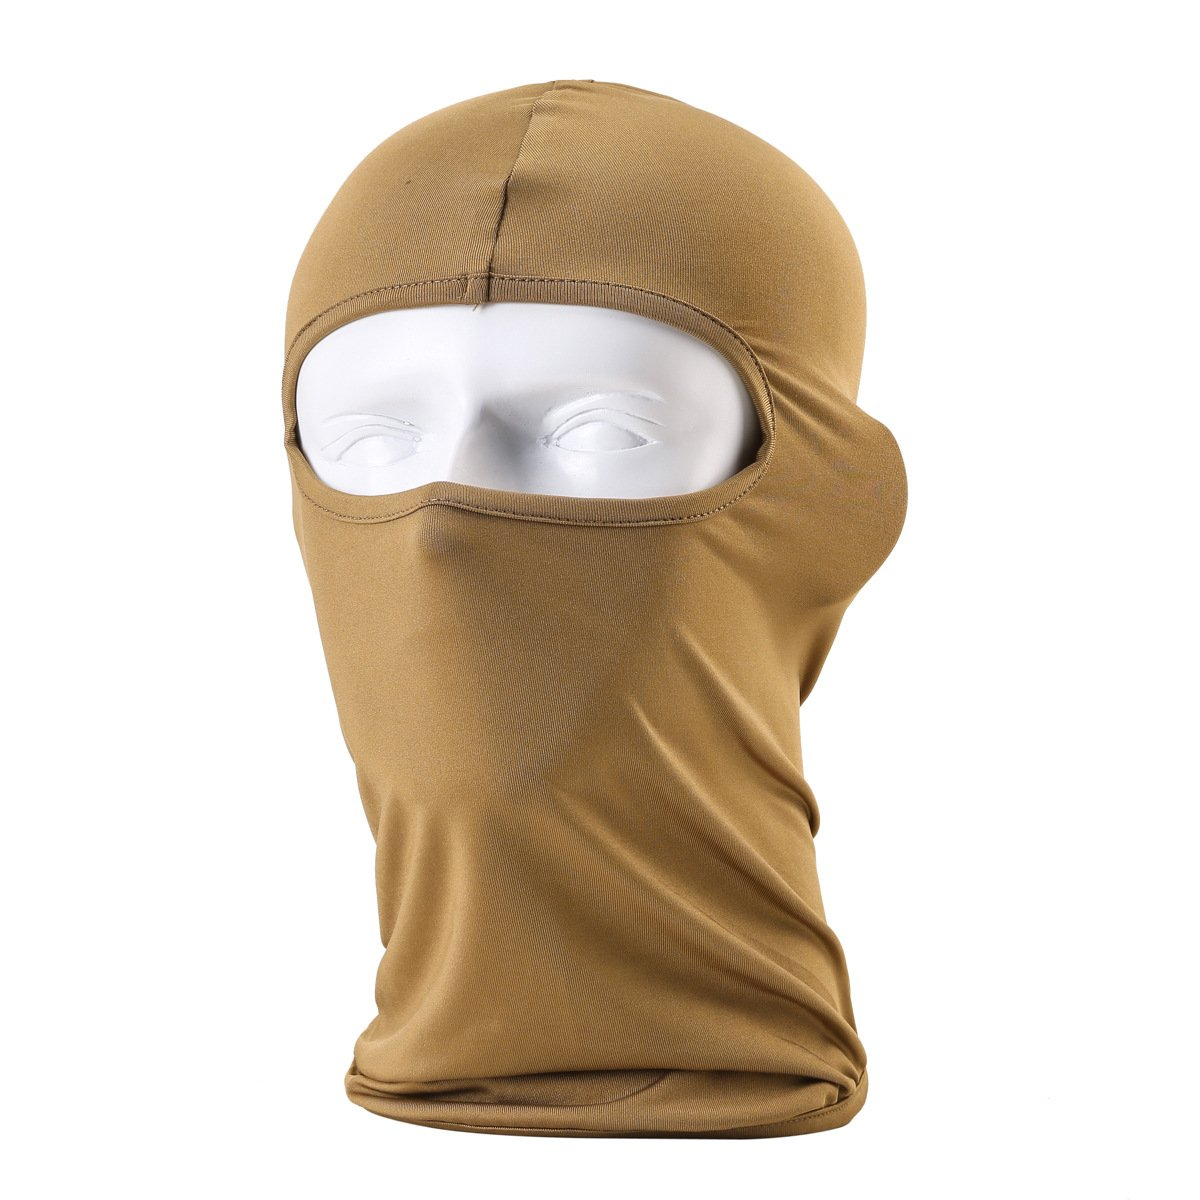 Passamontagna Unisex– Attrezzature Sportive Antivento Antipolvere Sottocasco Balaclava Regolabile Maschera Facciale per Equitazione, Blu Ninjia